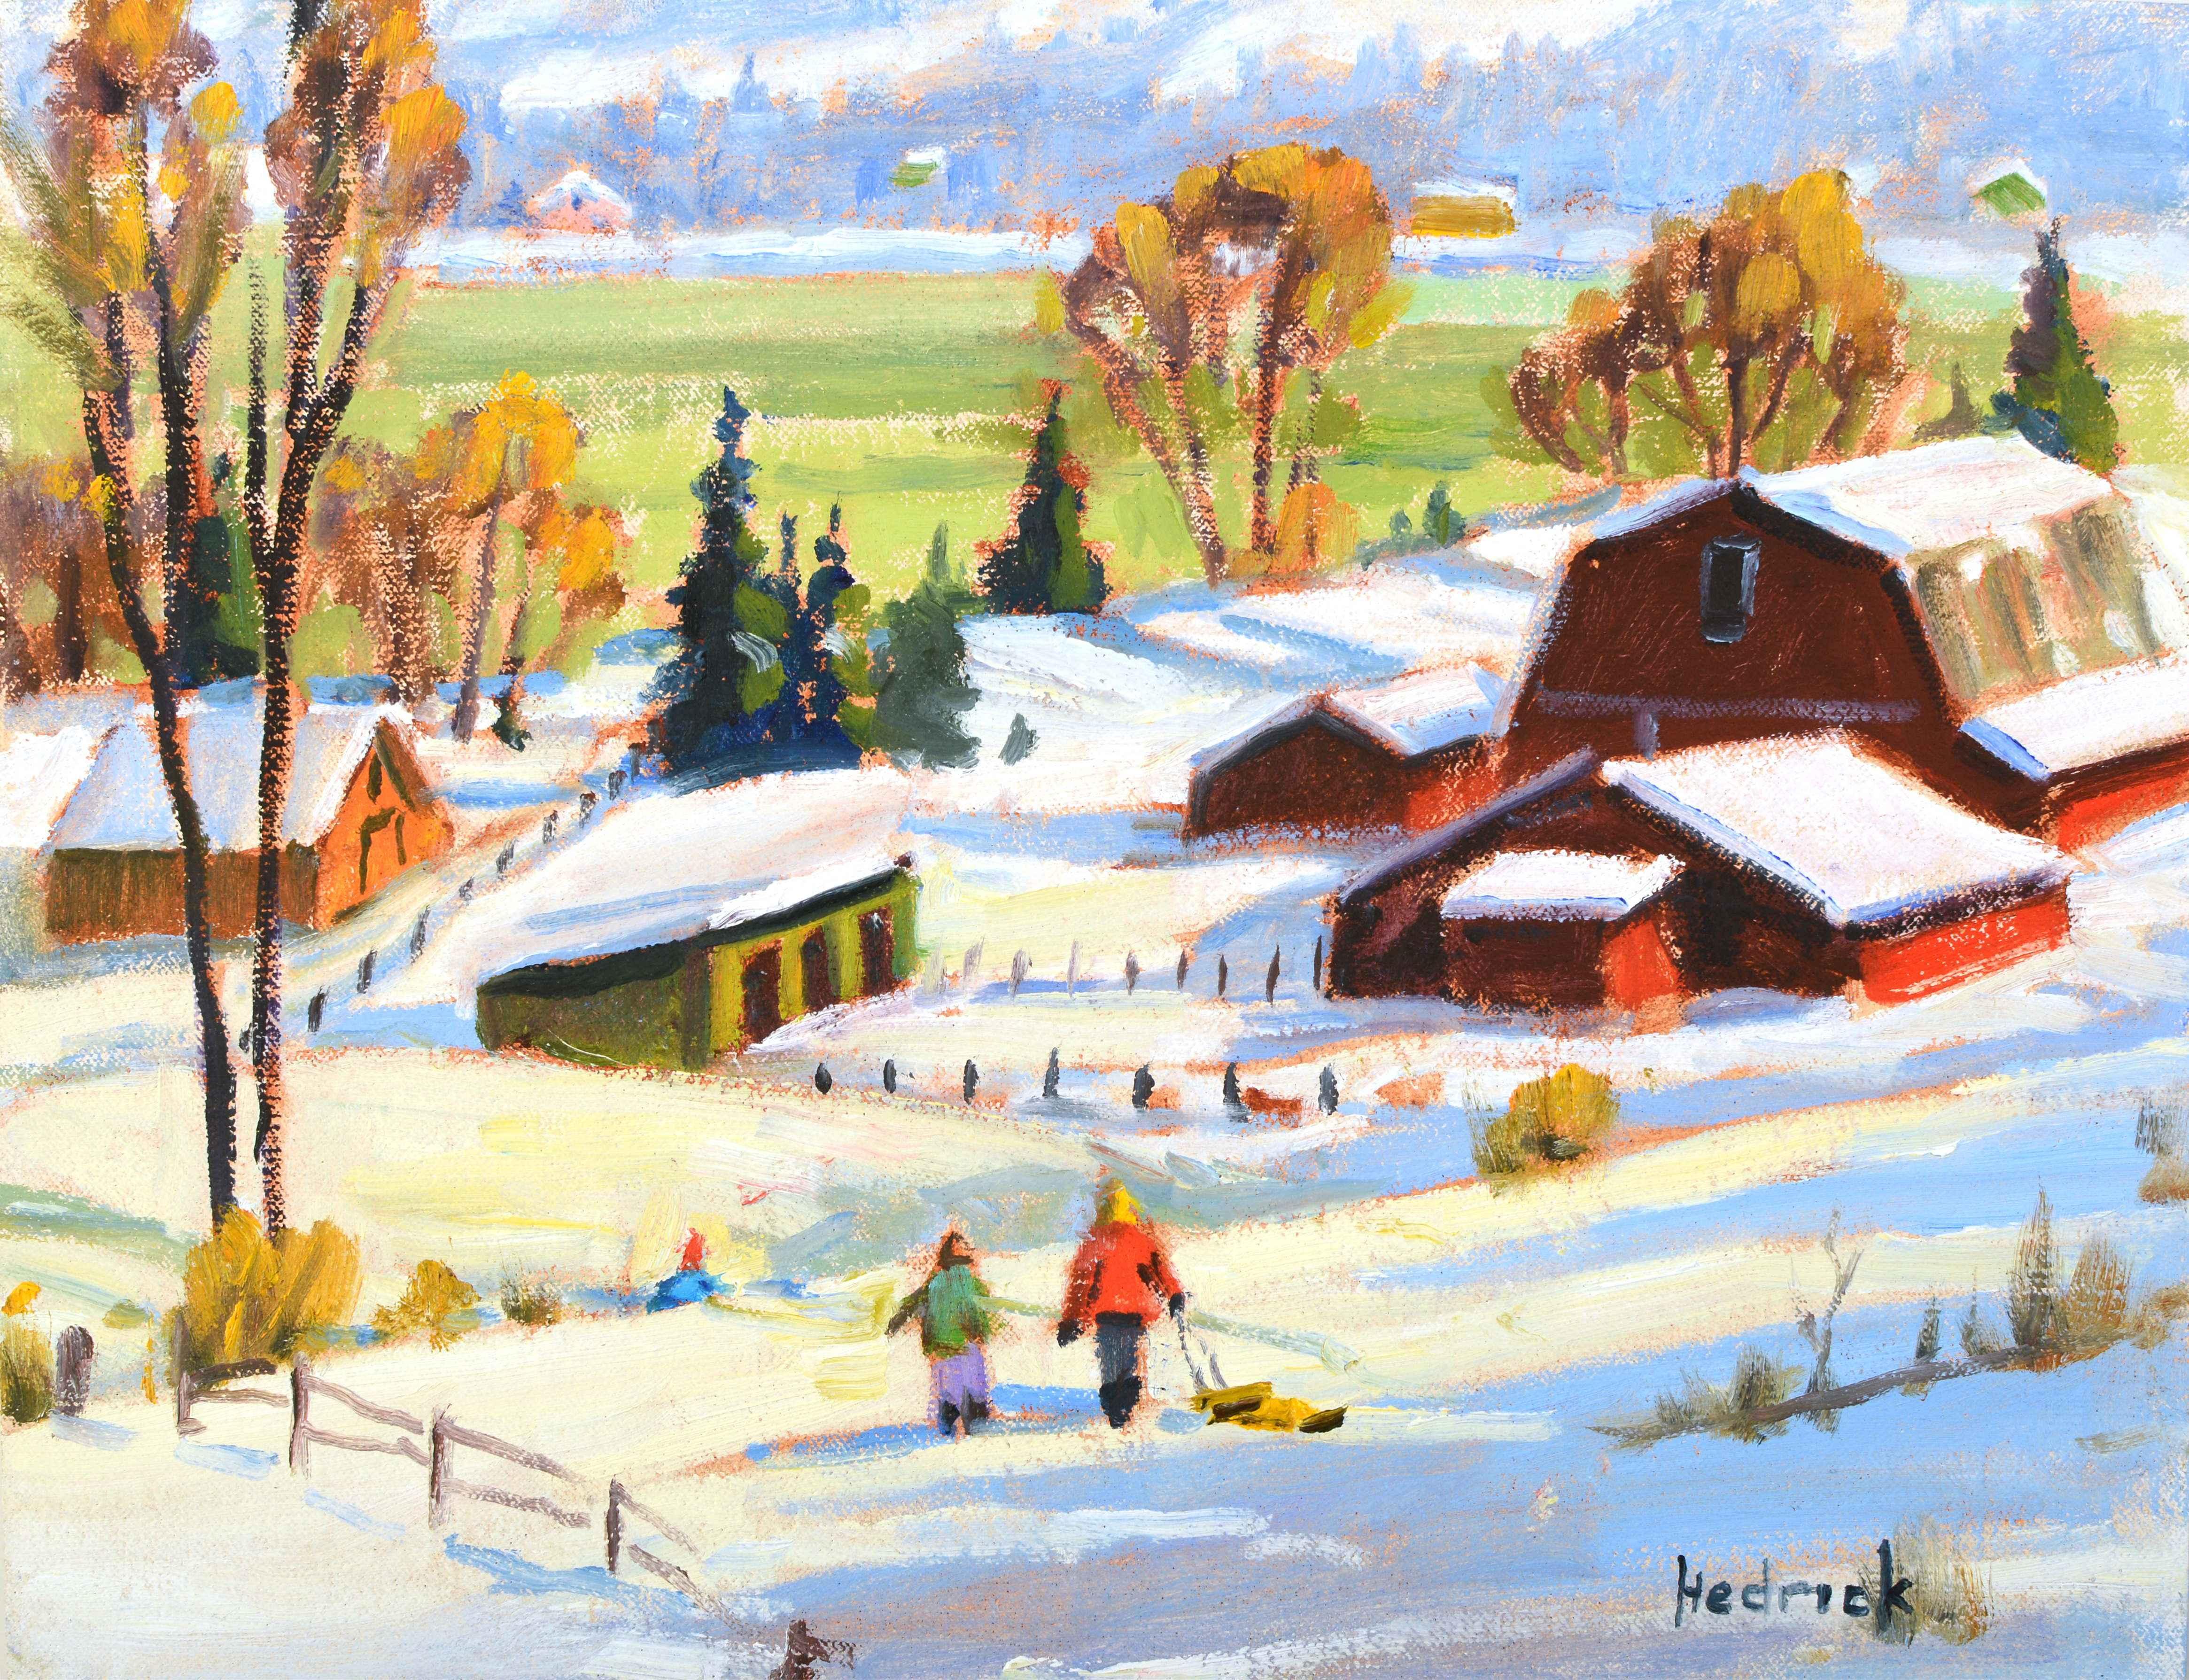 Rural Sledding